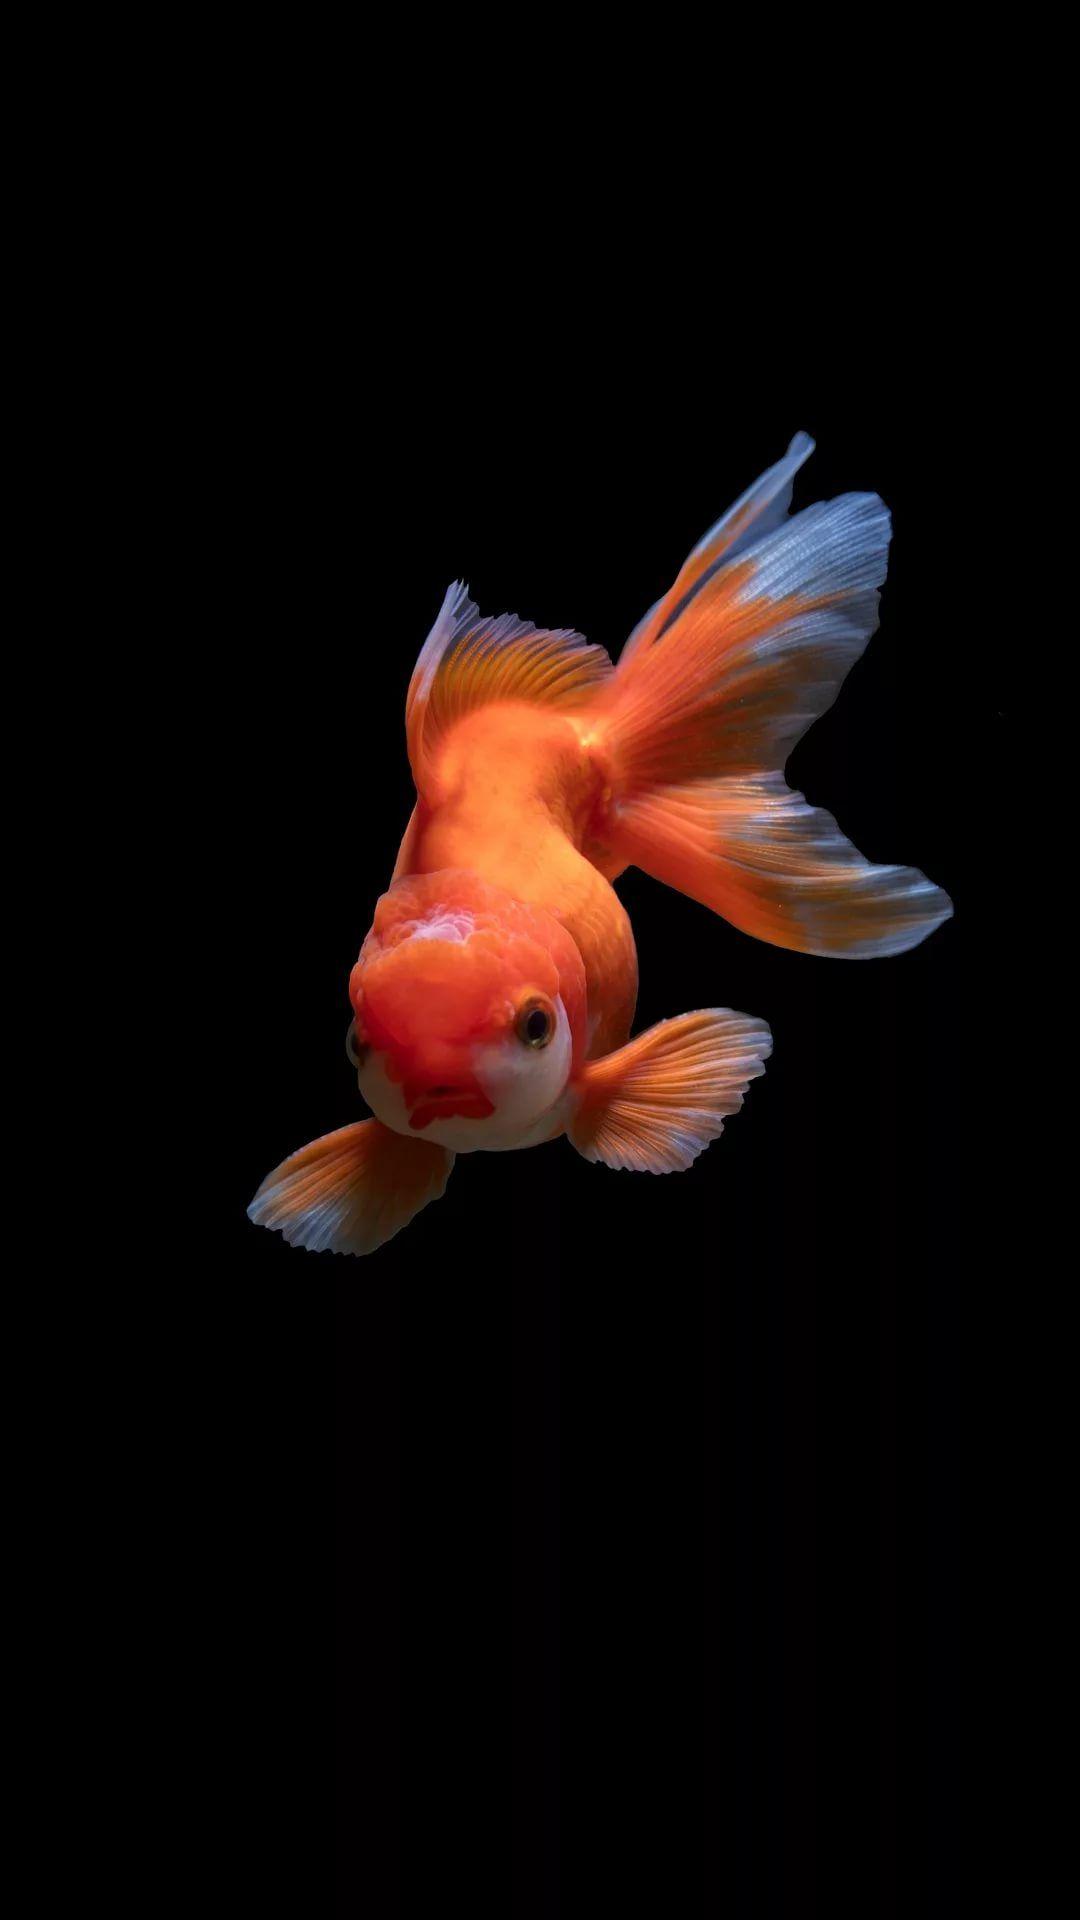 Fish iPhone 6 plus wallpaper